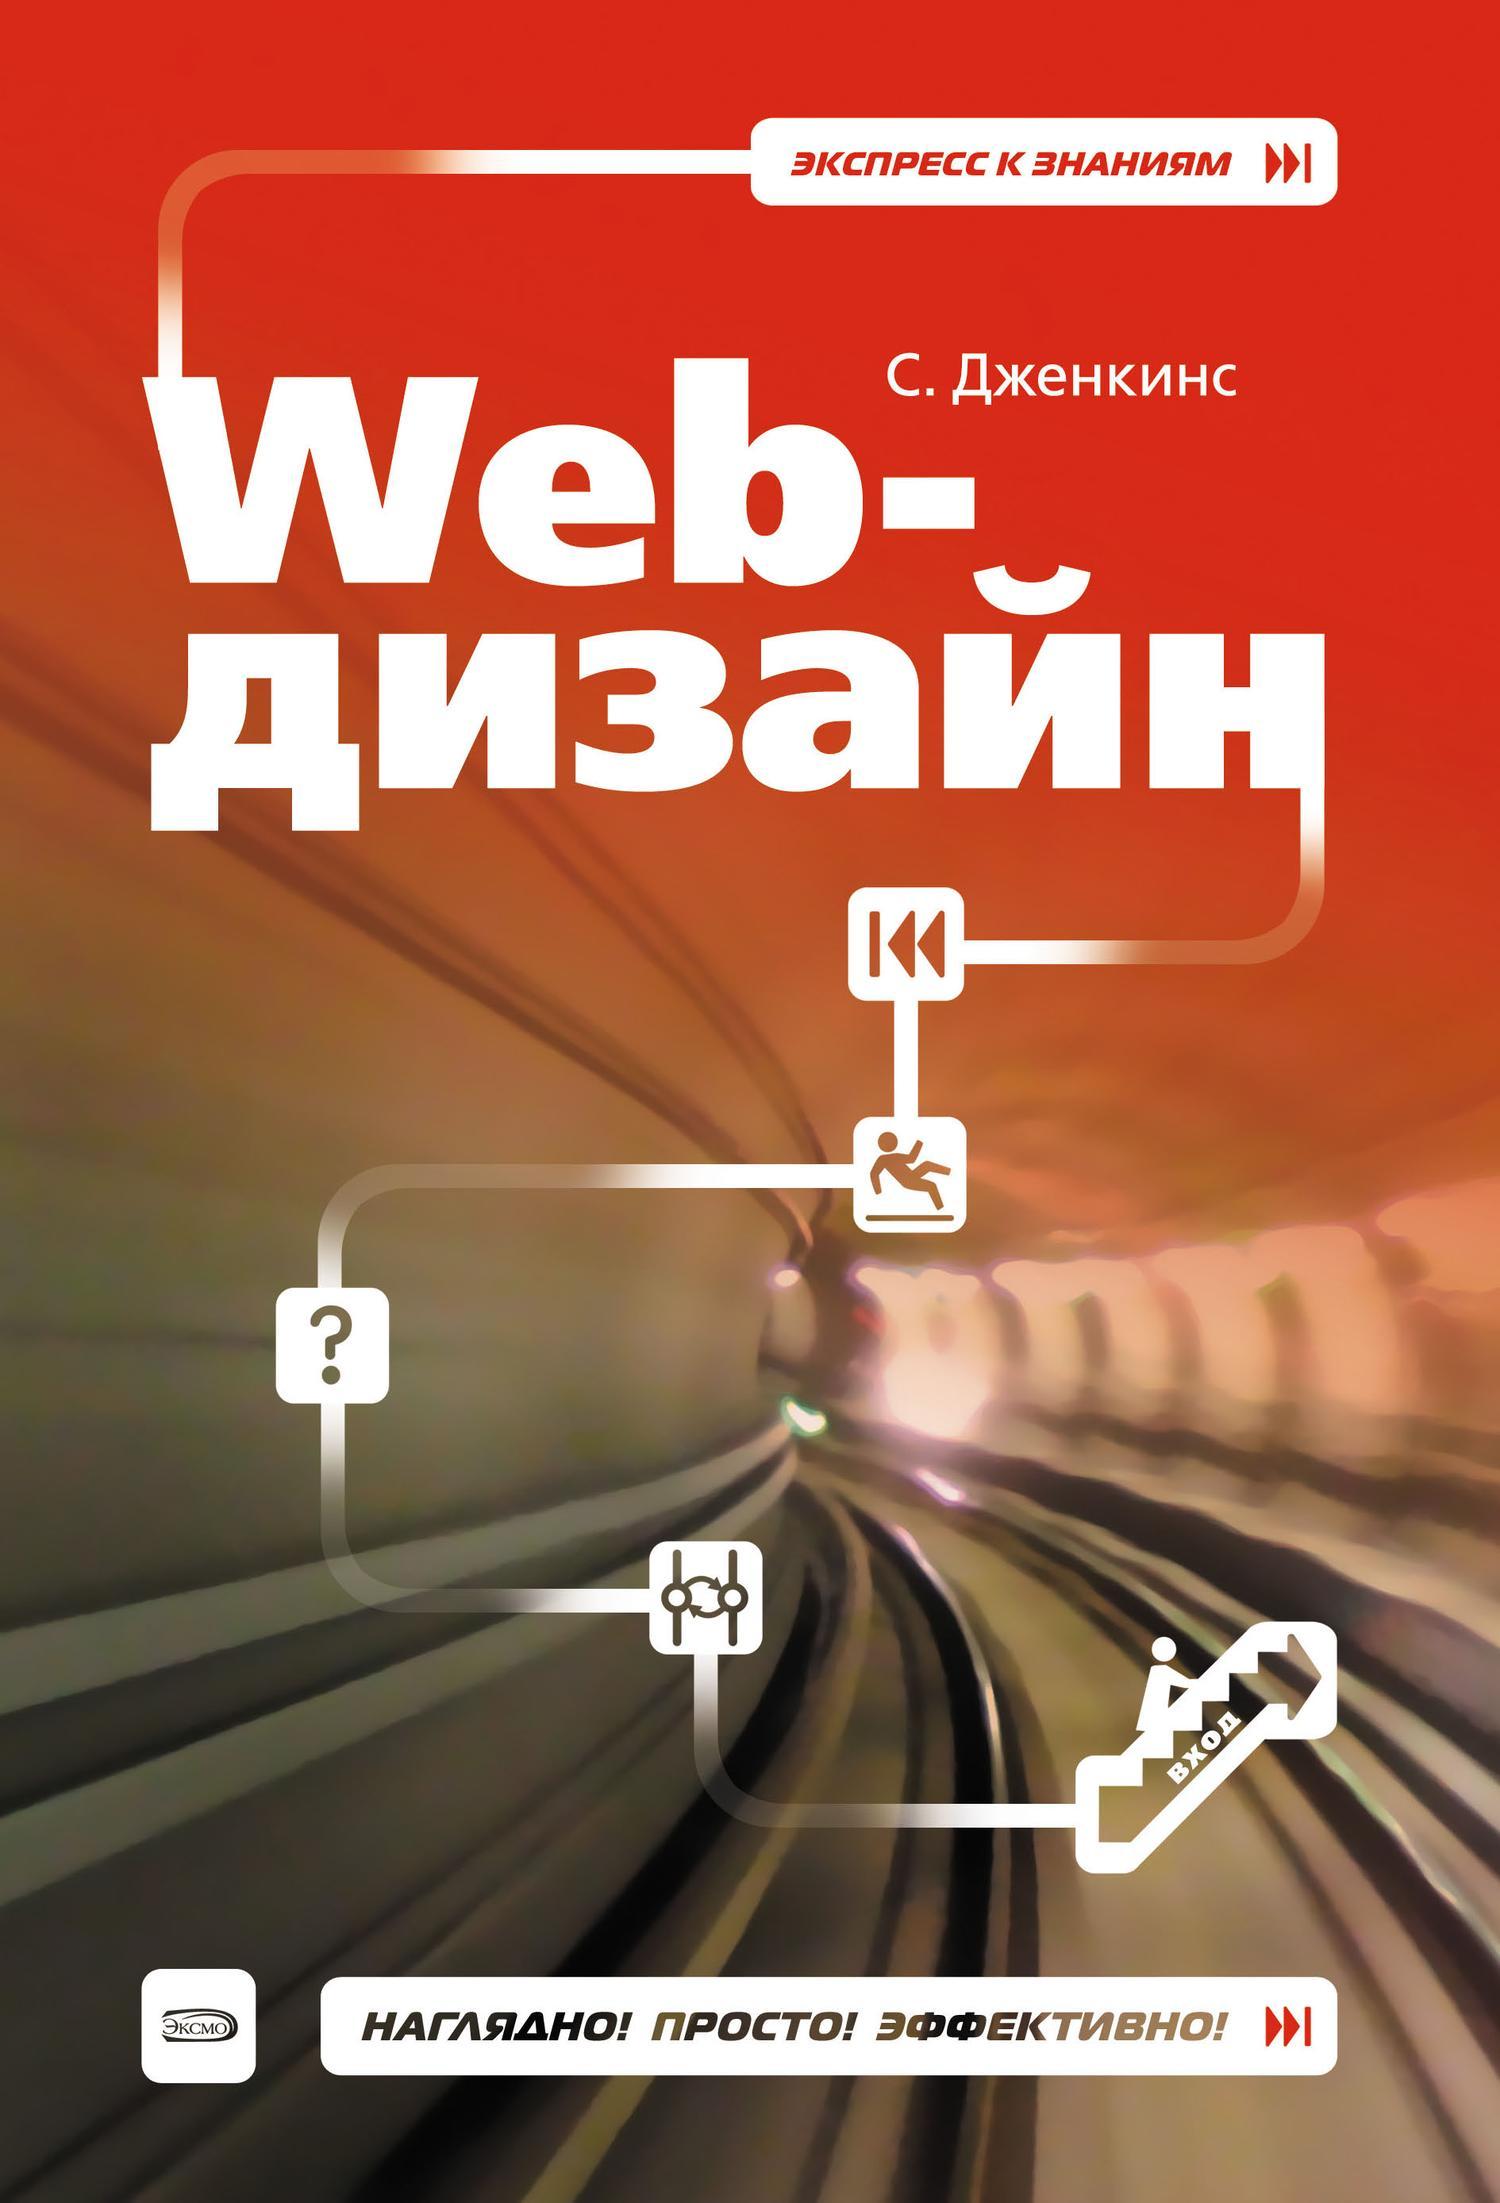 Сью Дженкинс «Web-дизайн»